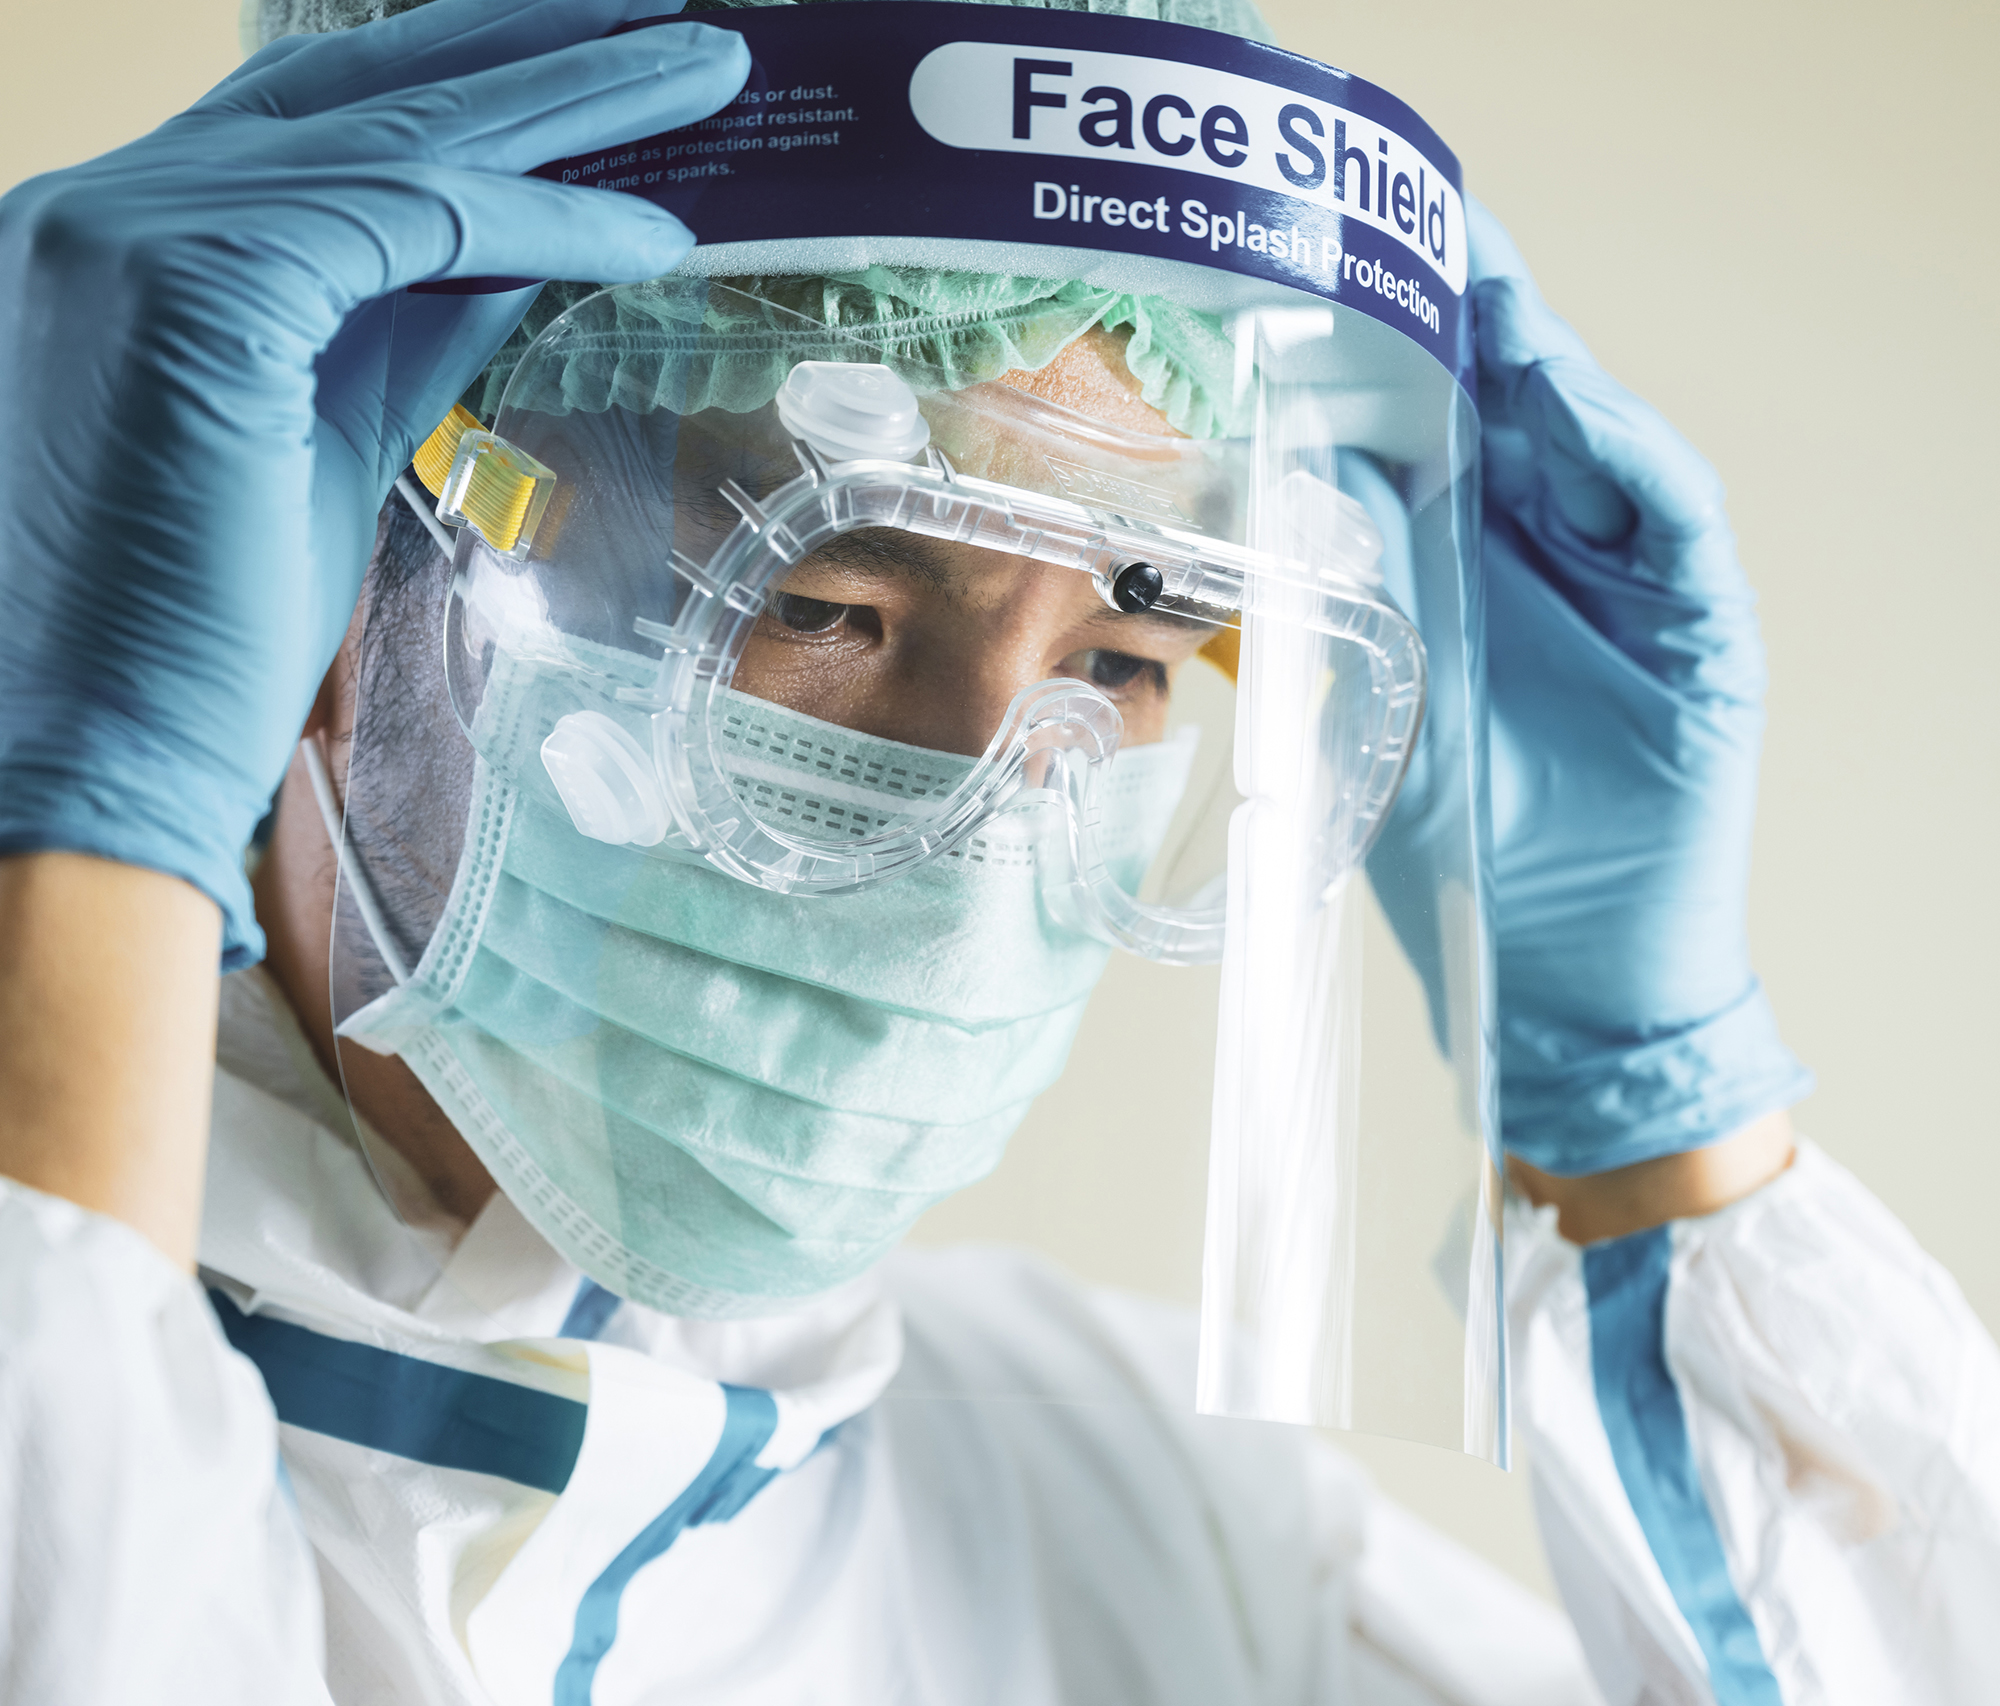 portrait-asian-female-doctor-wearing-face-shield-ppe-suit-treatment-coronavirus-patients